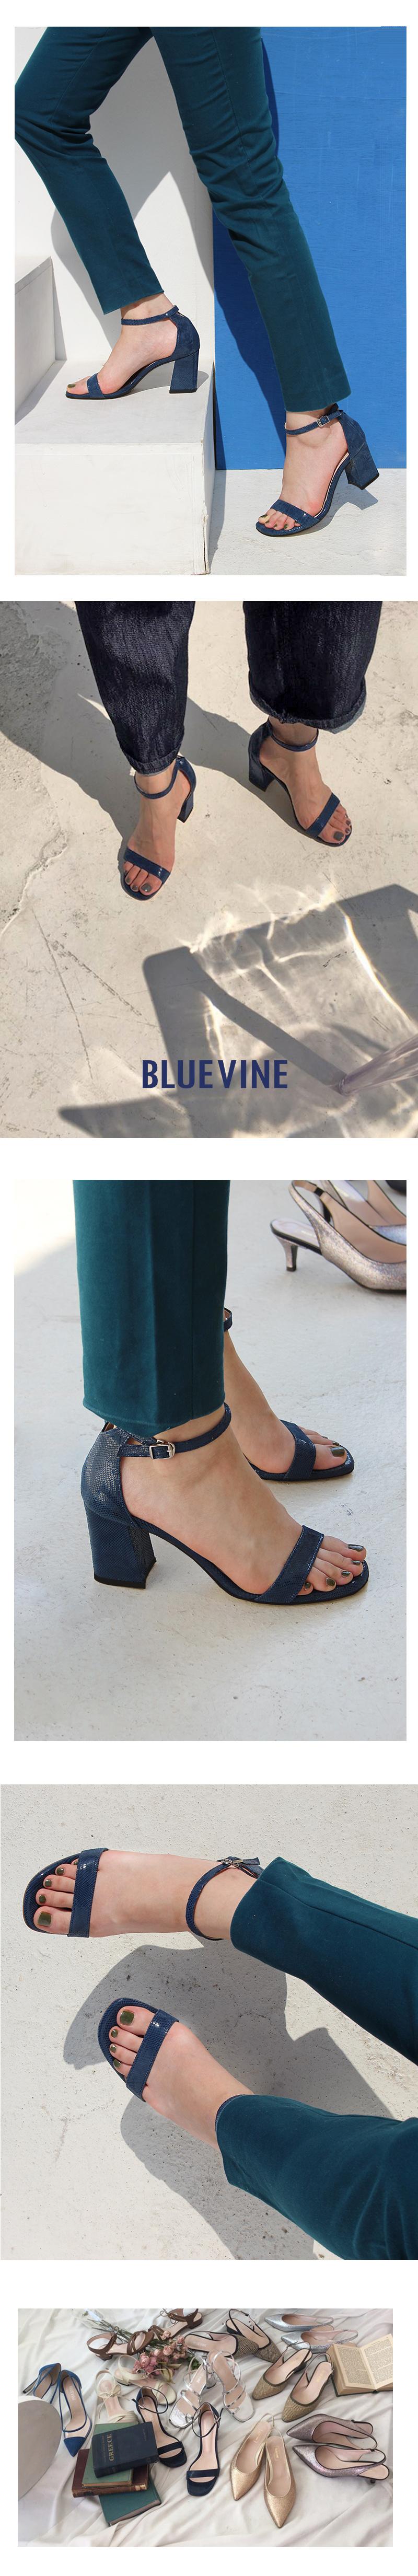 블루바인(BLUEVINE) 비비안 샌들 블루 그레이